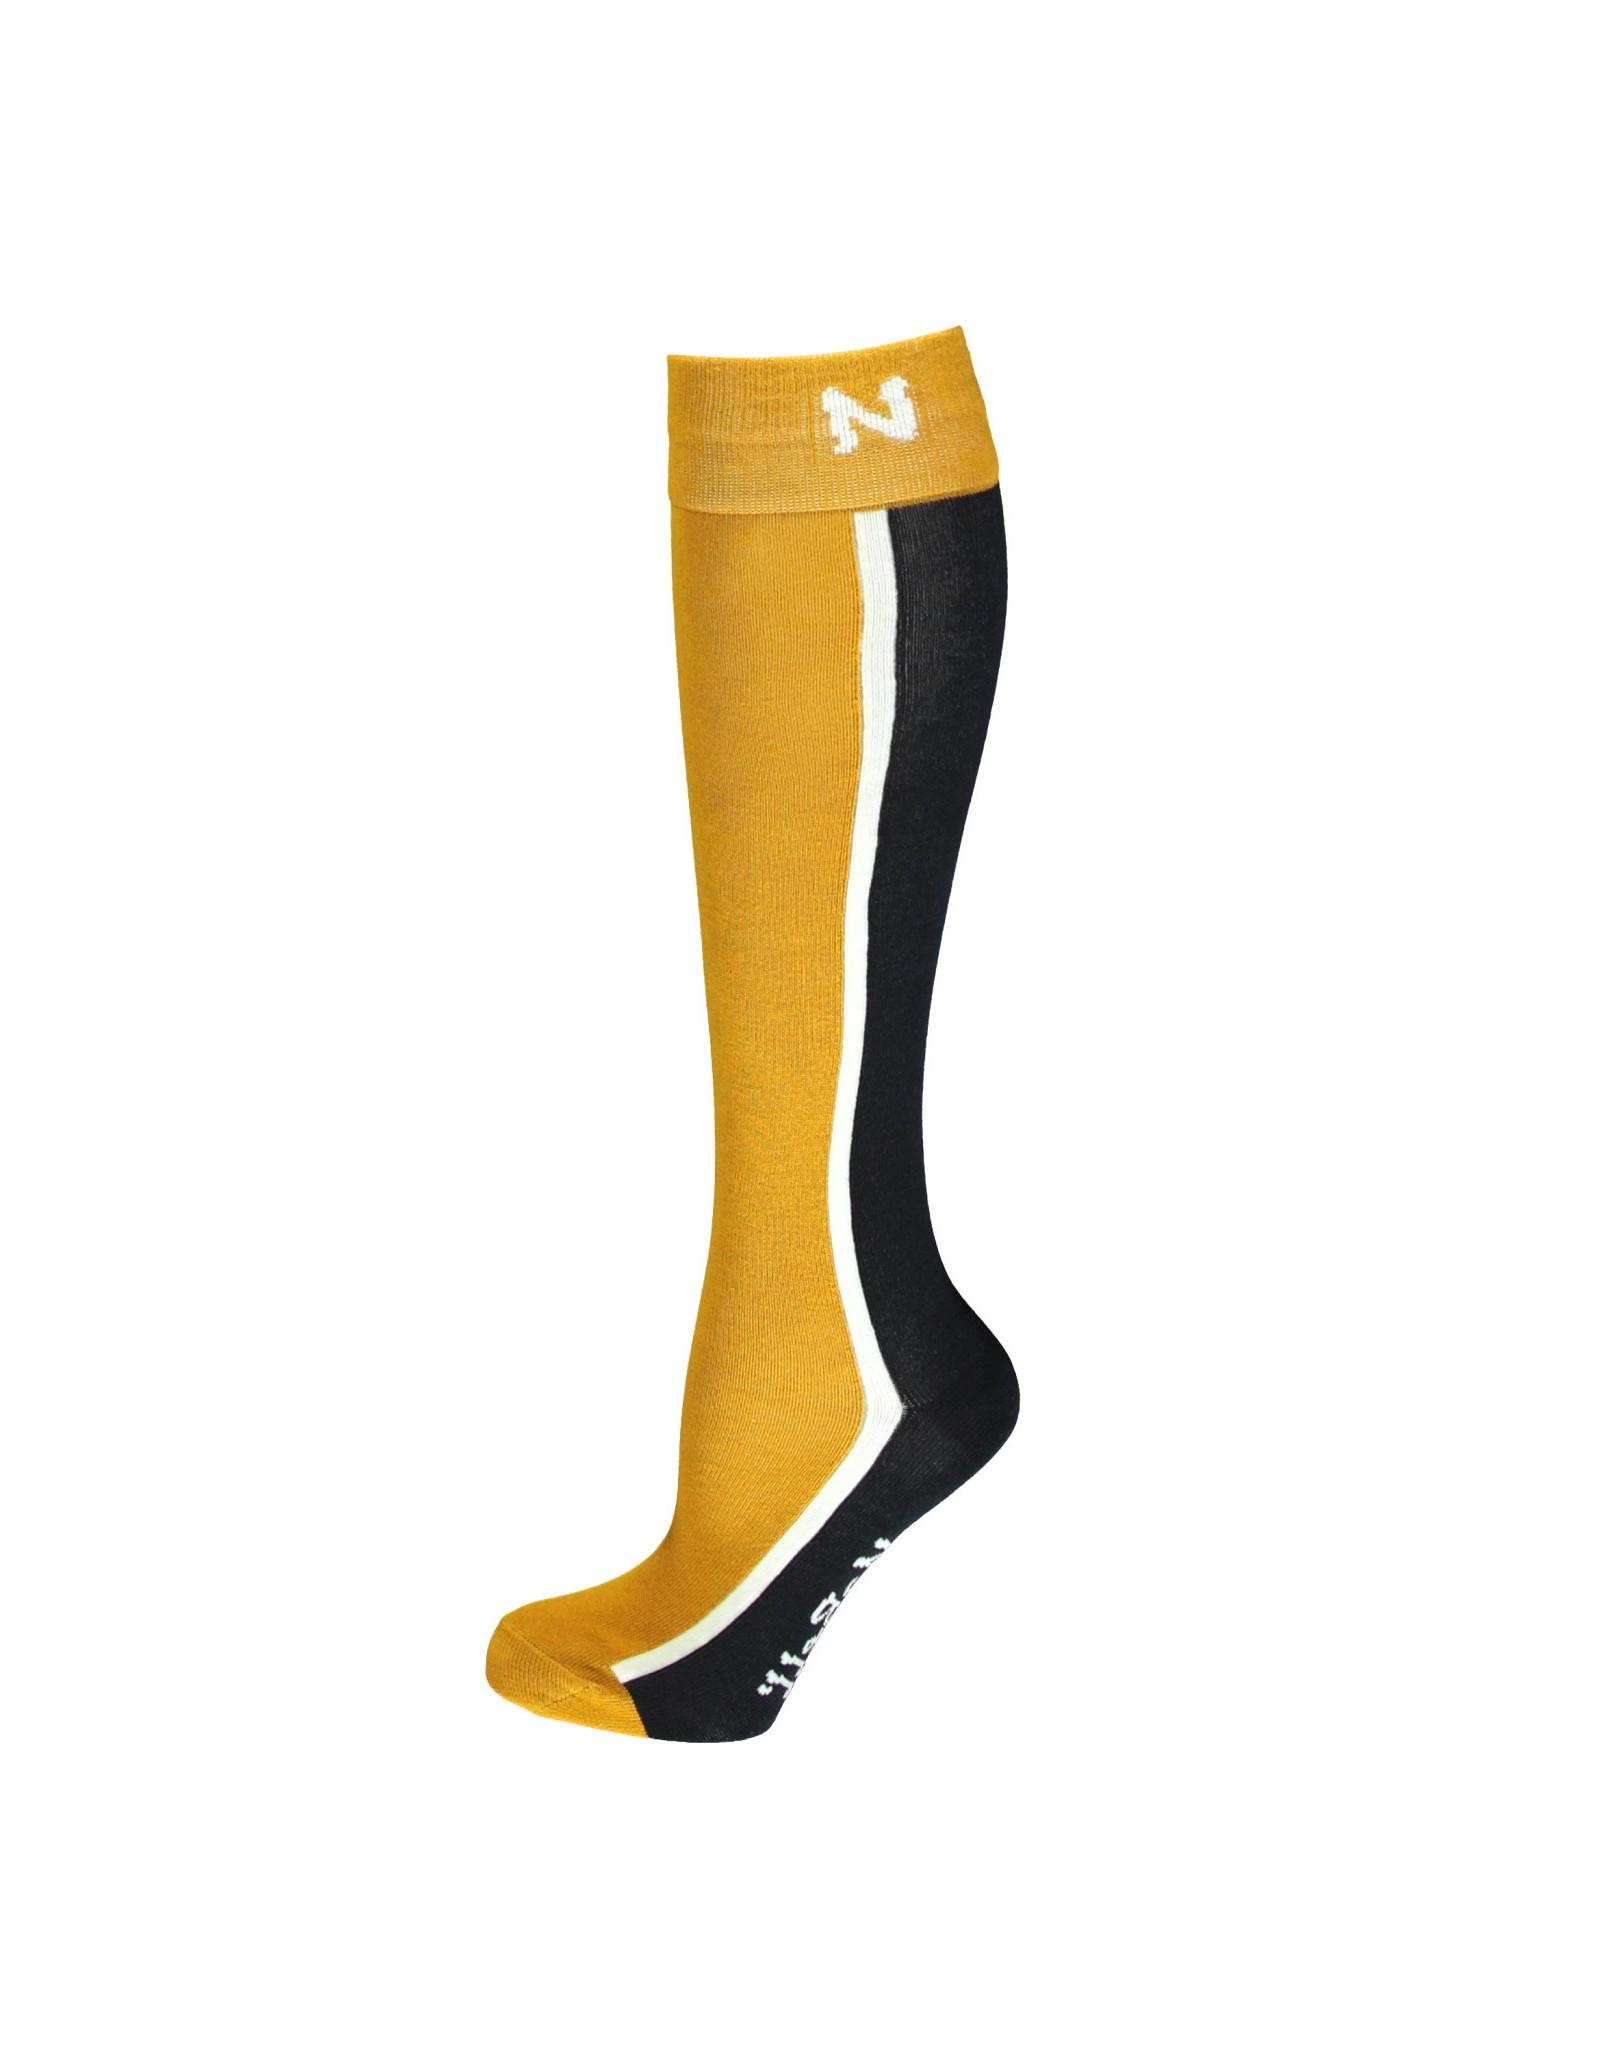 NoBell meiden lange sokken Rose Safari Gold